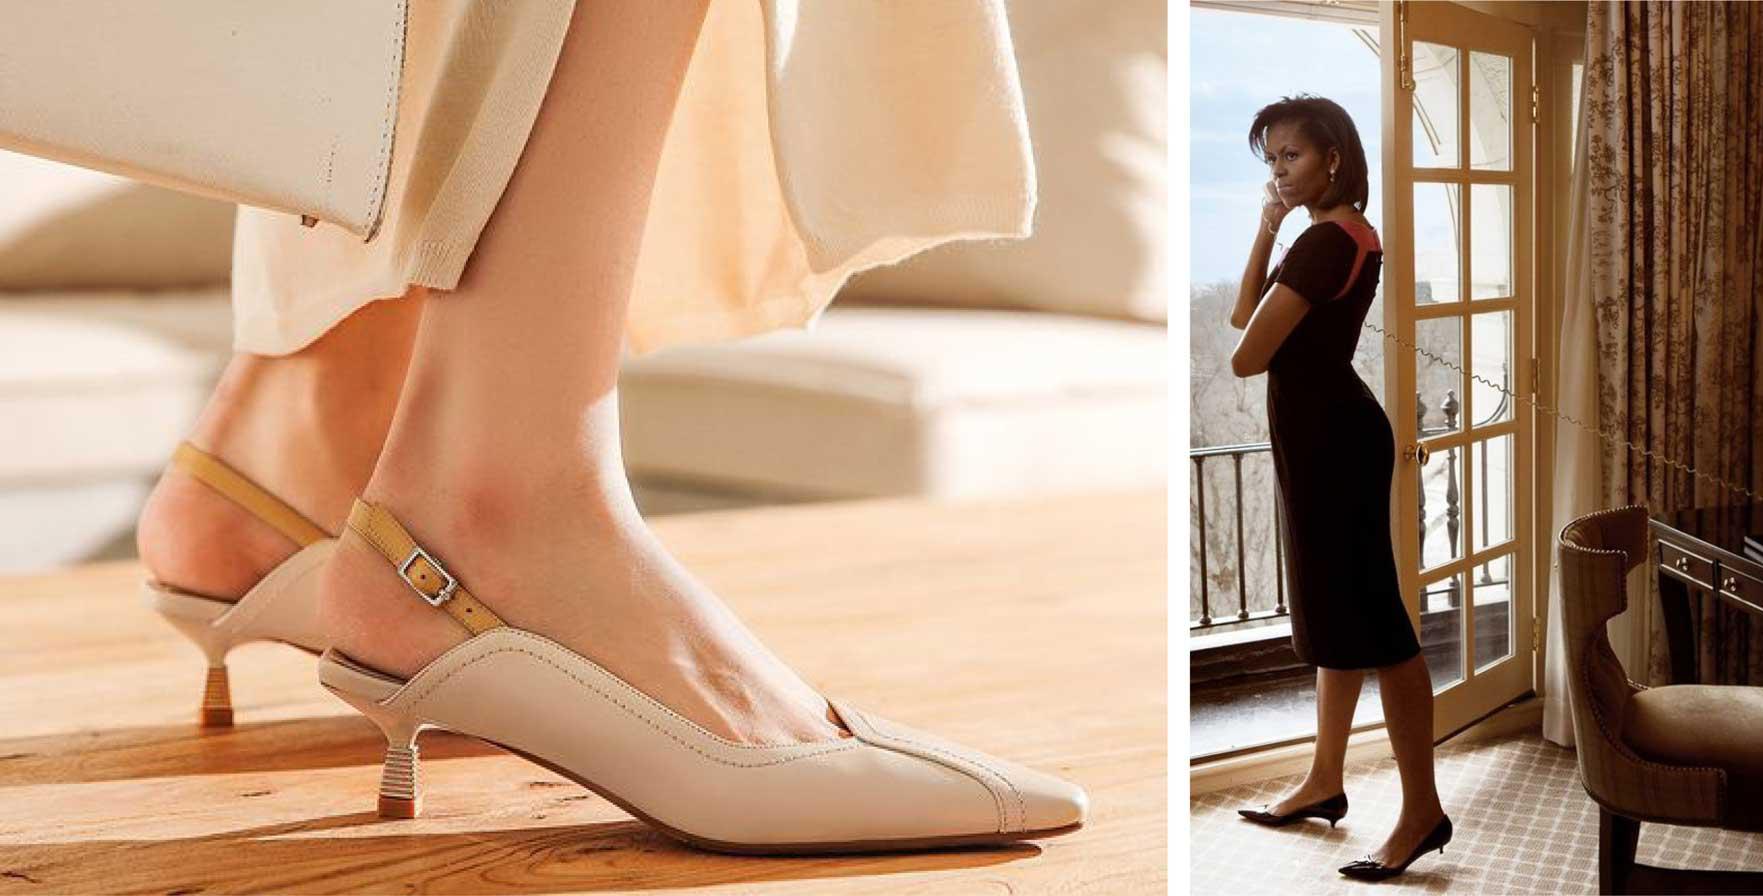 Kitten shoes - 2000s women shoes